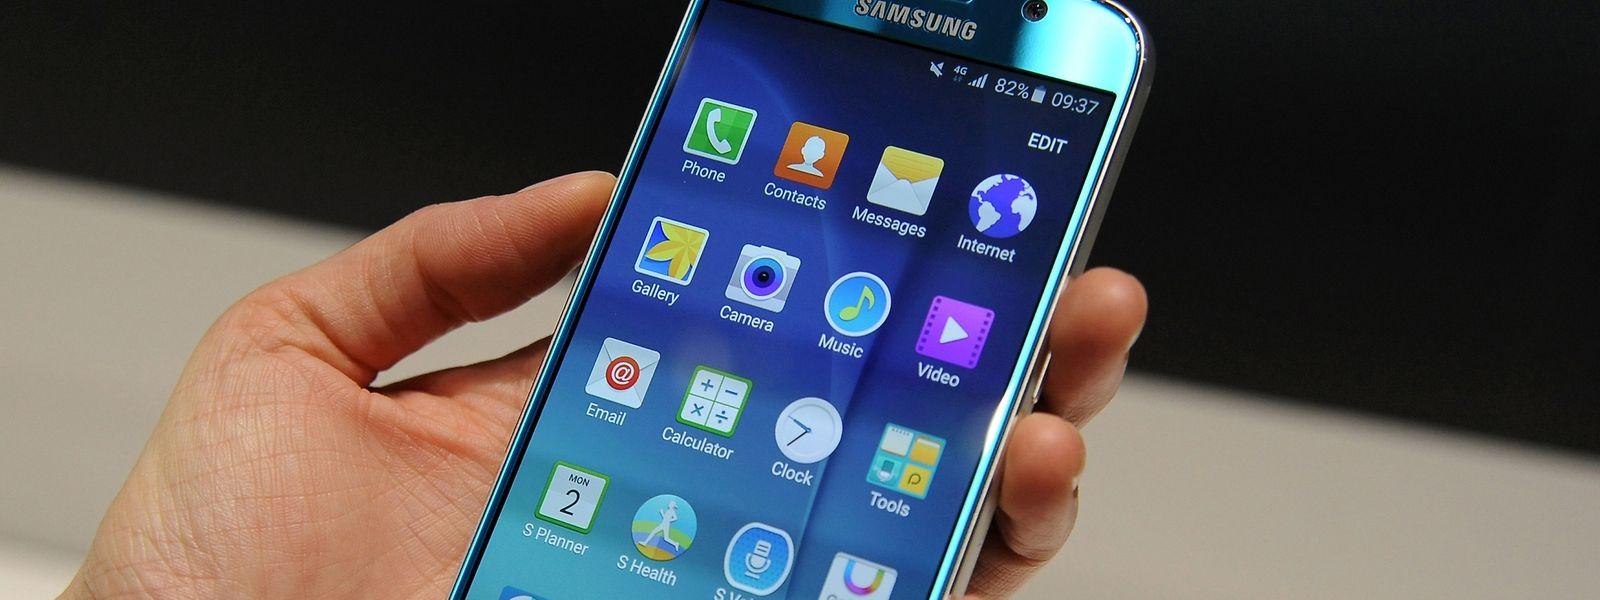 Aktuelle Flaggschiffe wie Samsungs Galaxy S6 sind nicht für jeden erschwinglich. Für deutlich weniger Geld gibt es schon Geräte, die nur wenige Funktionen vermissen lassen.